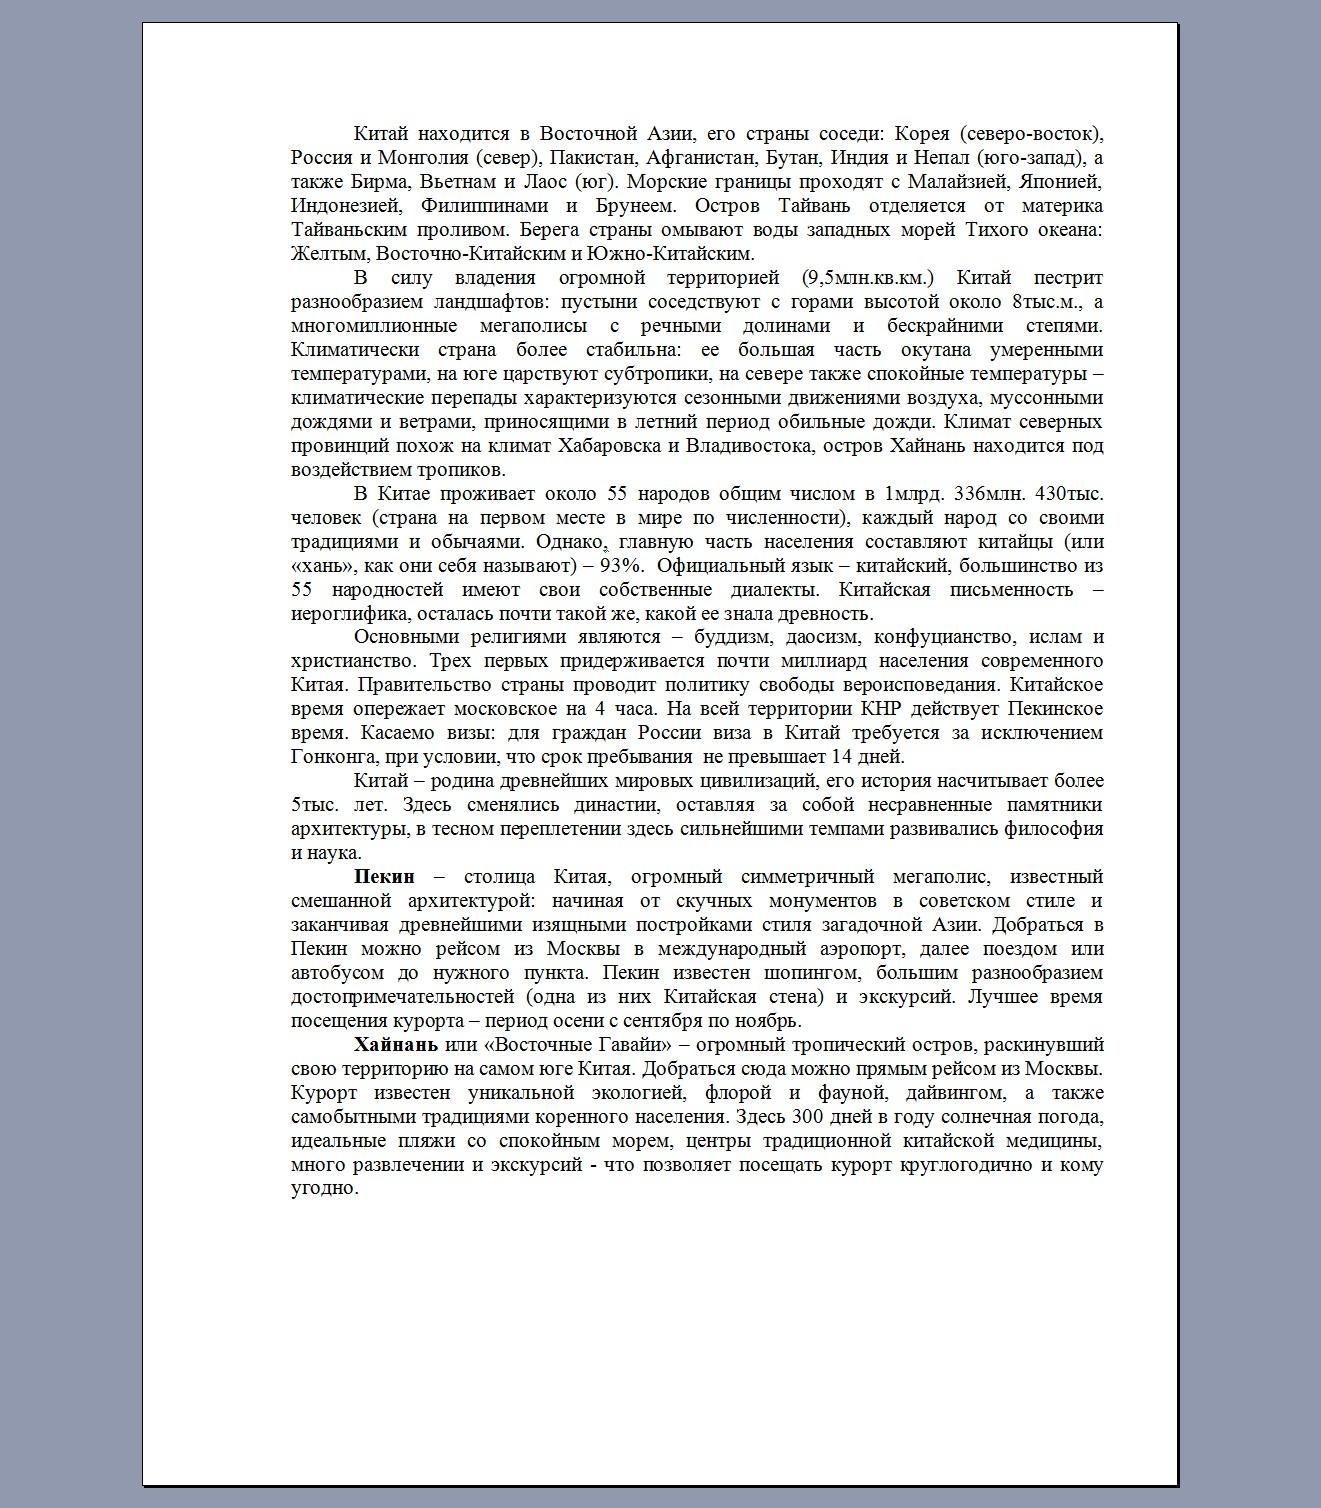 Китай, краткое описание страны с курортами (всего было написано около 100 текстов) Заказчик постоянный